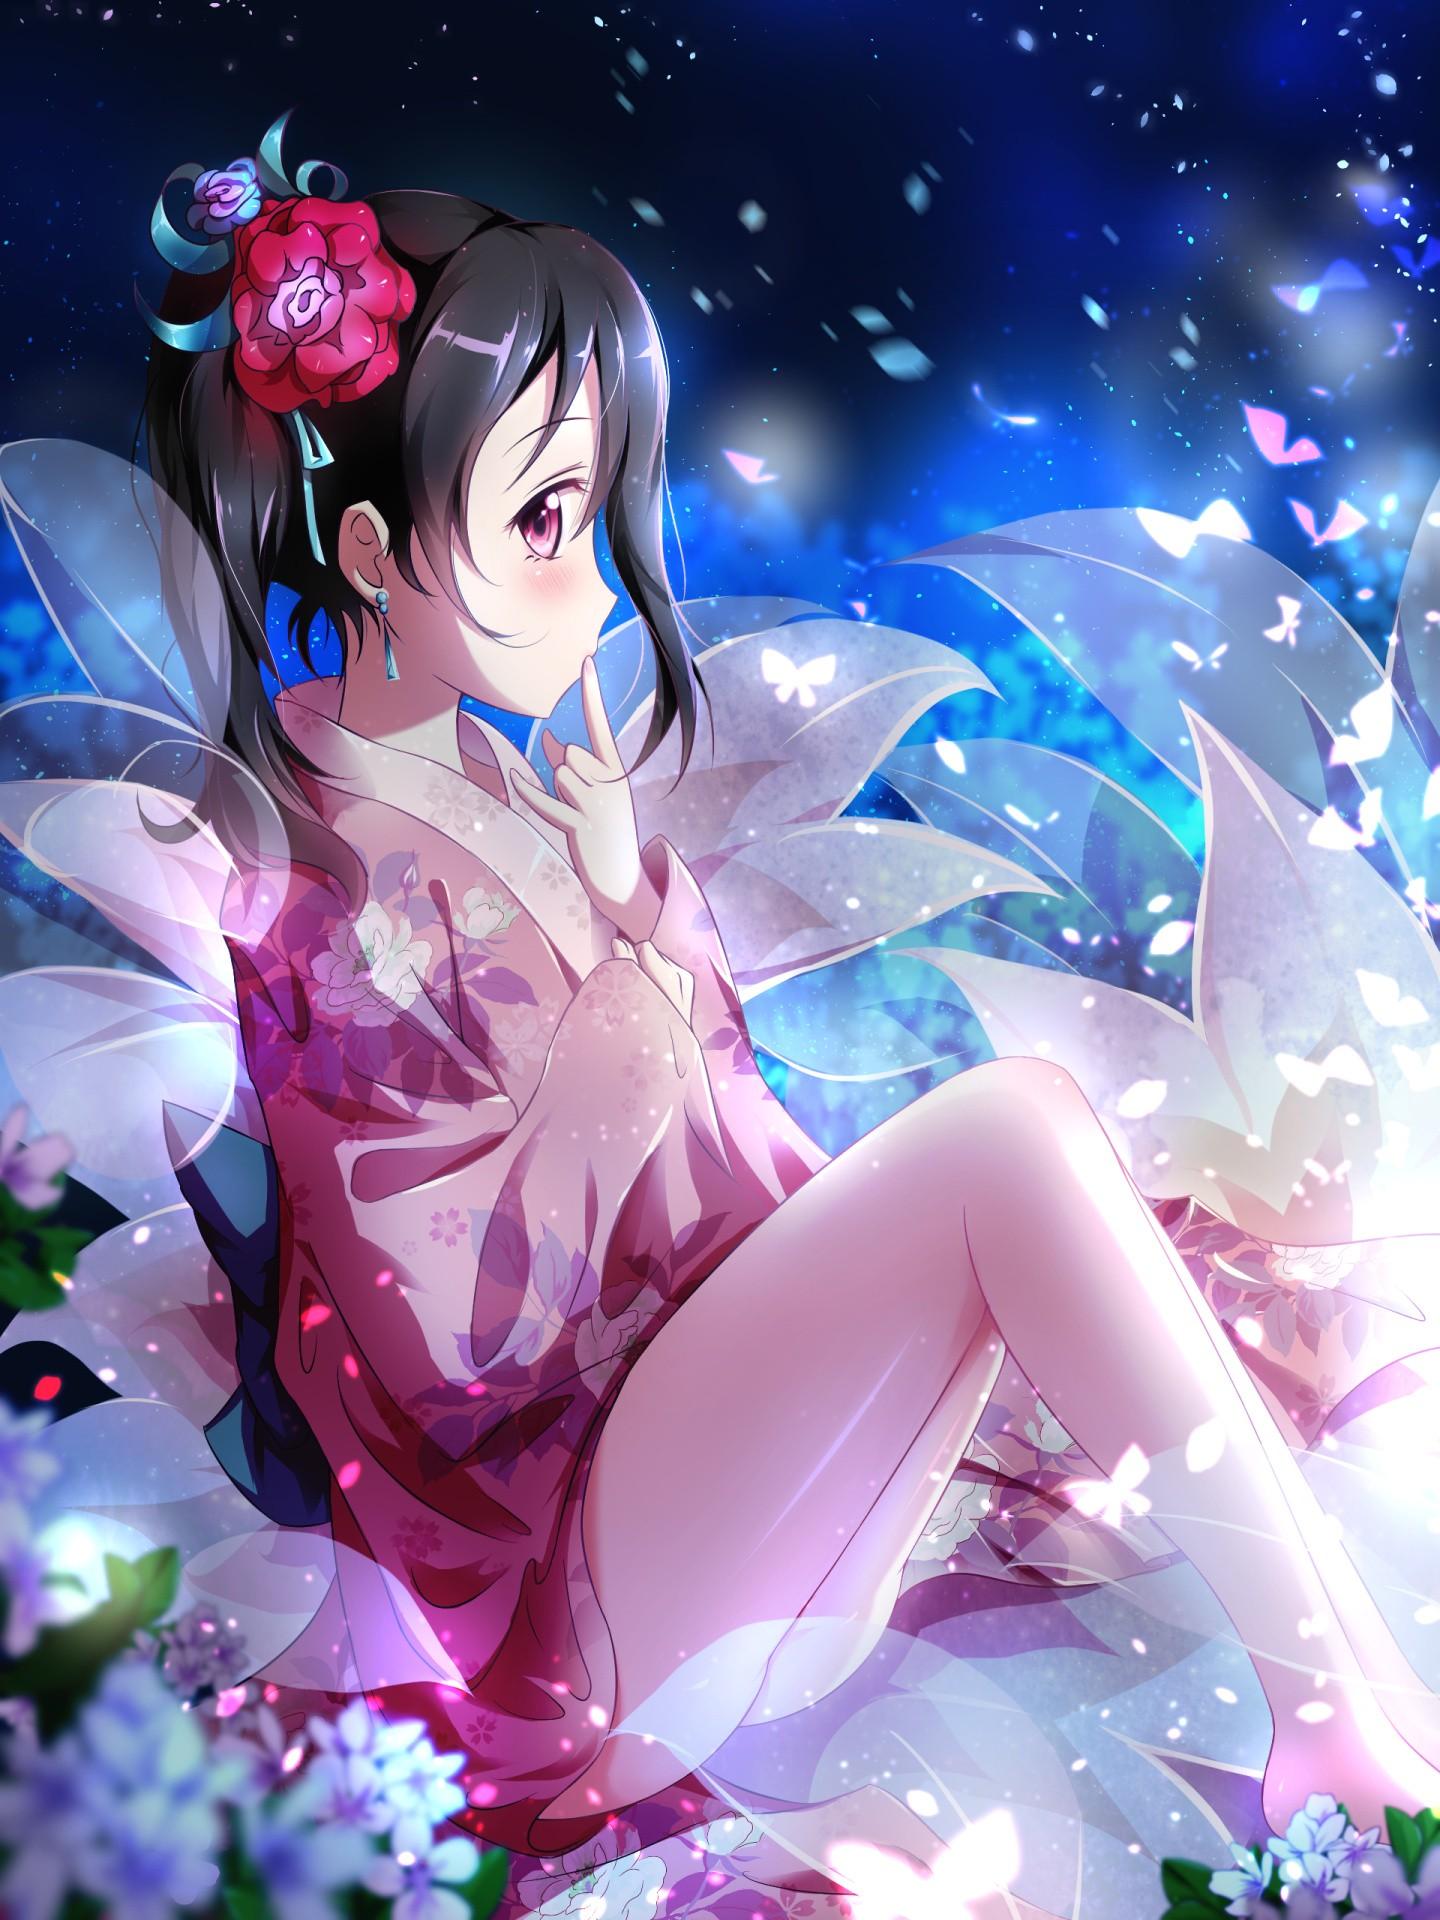 Wallpaper : illustration, flowers, anime girls, short hair ...